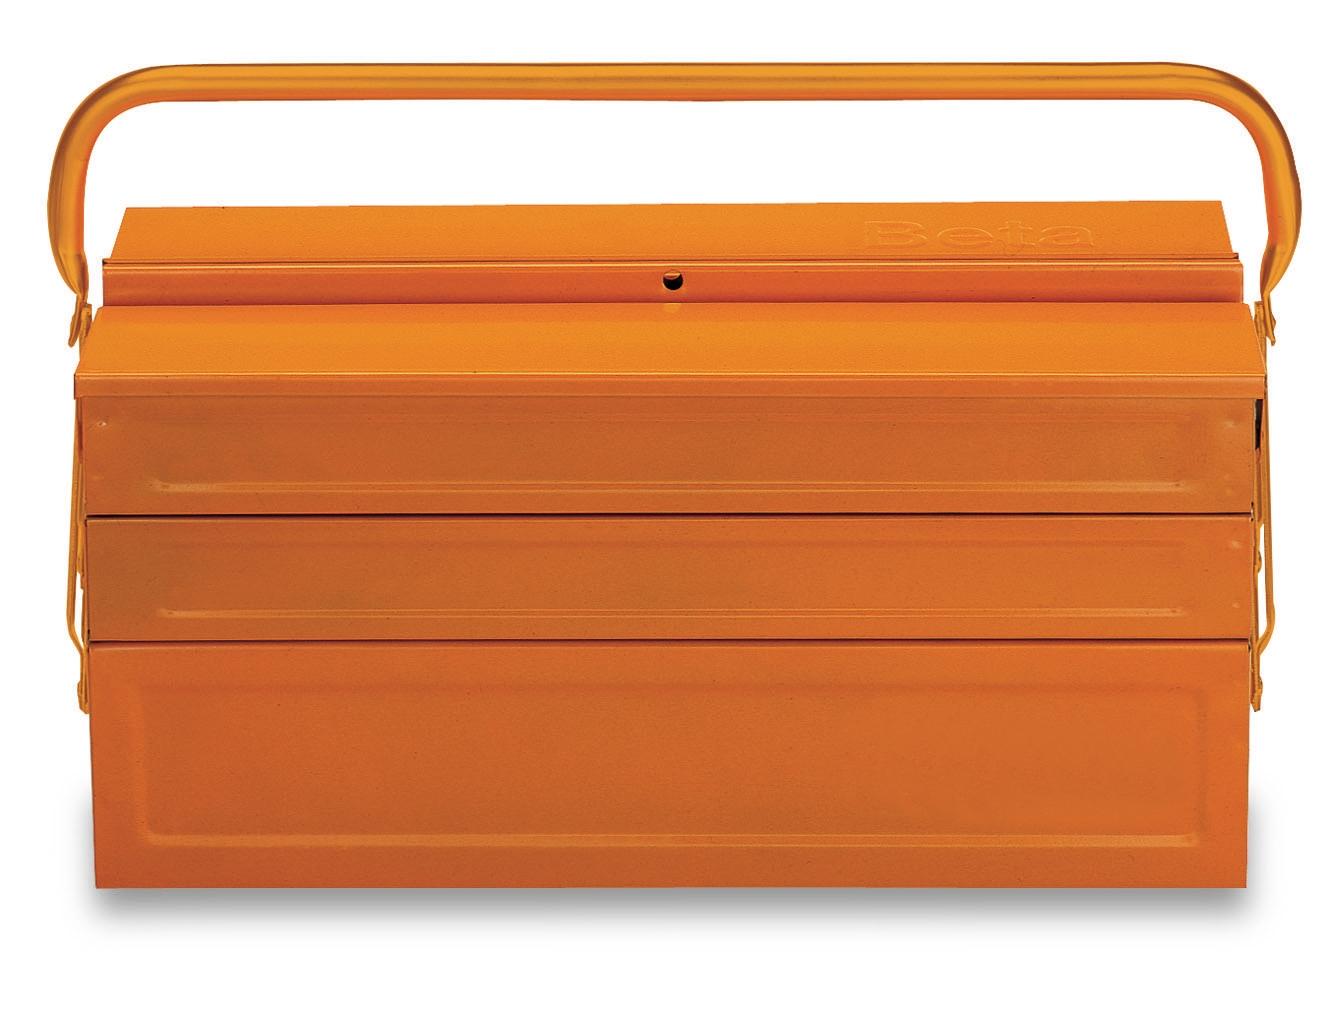 Cassetta estendibile beta c20l in metallo porta attrezzi - Riparazione finestre vasistas ...